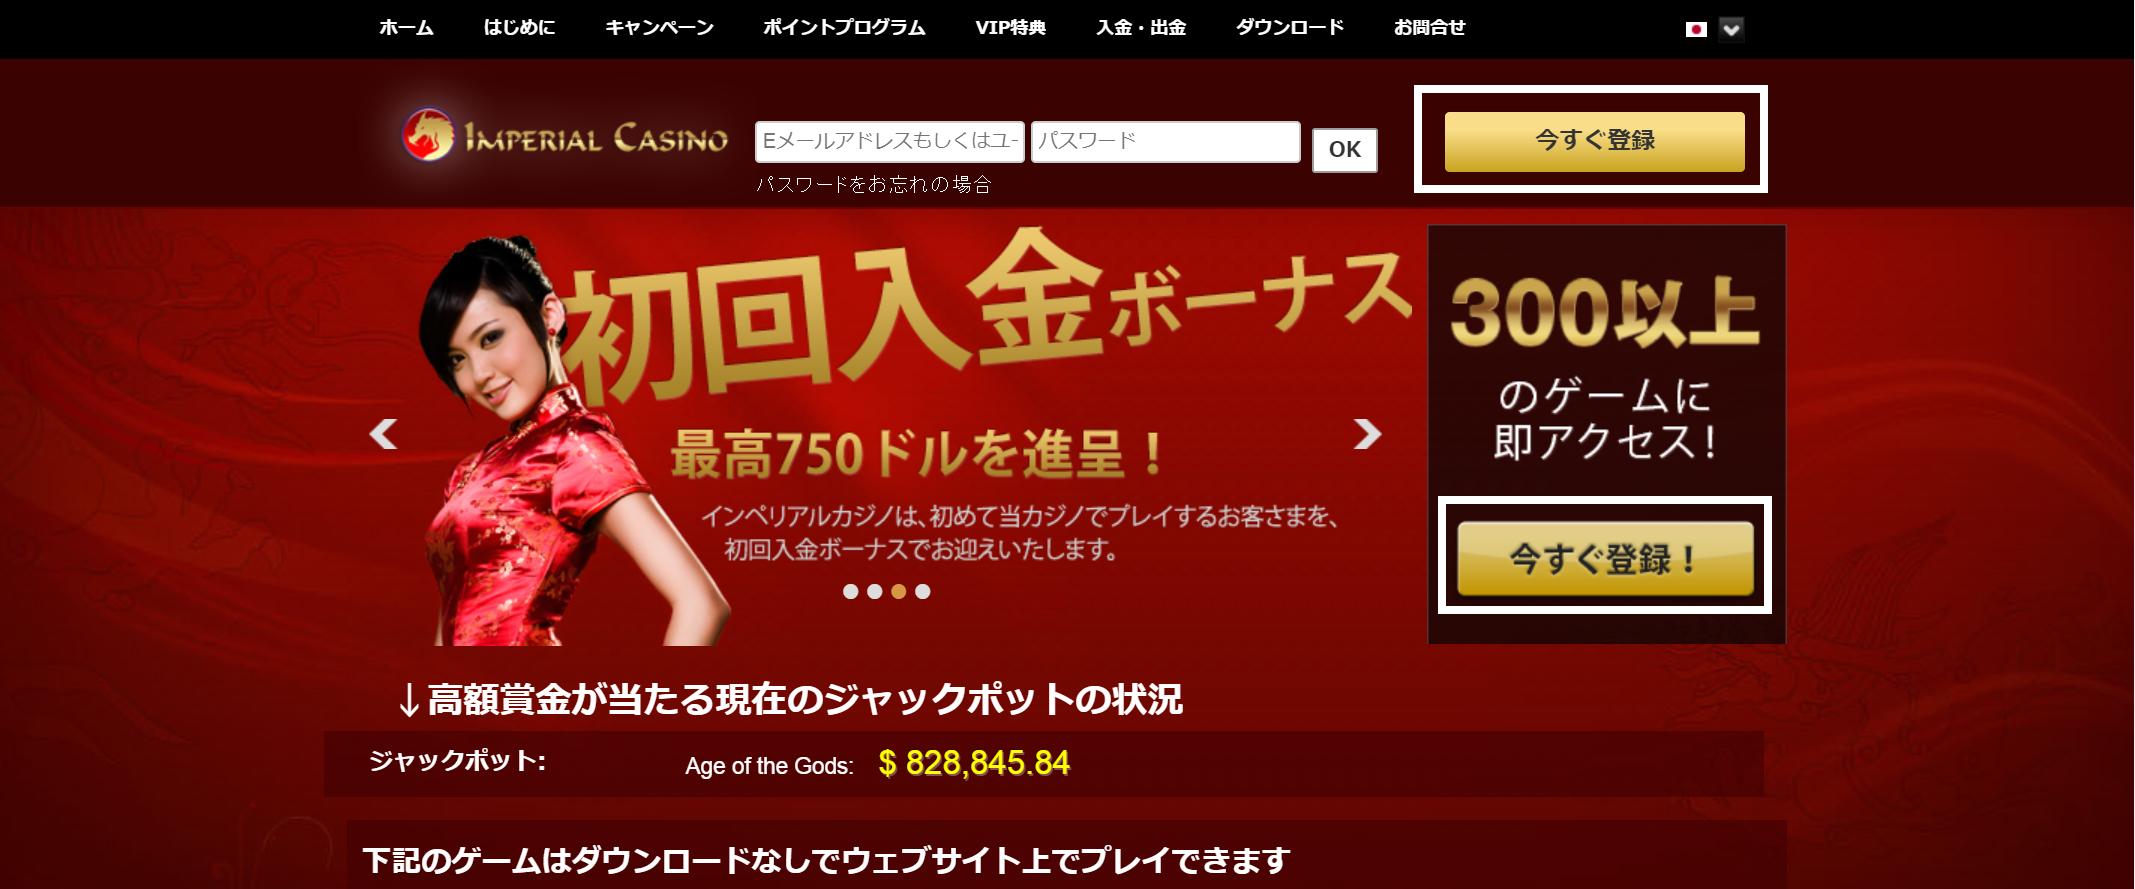 インペリアルカジノ 登録2